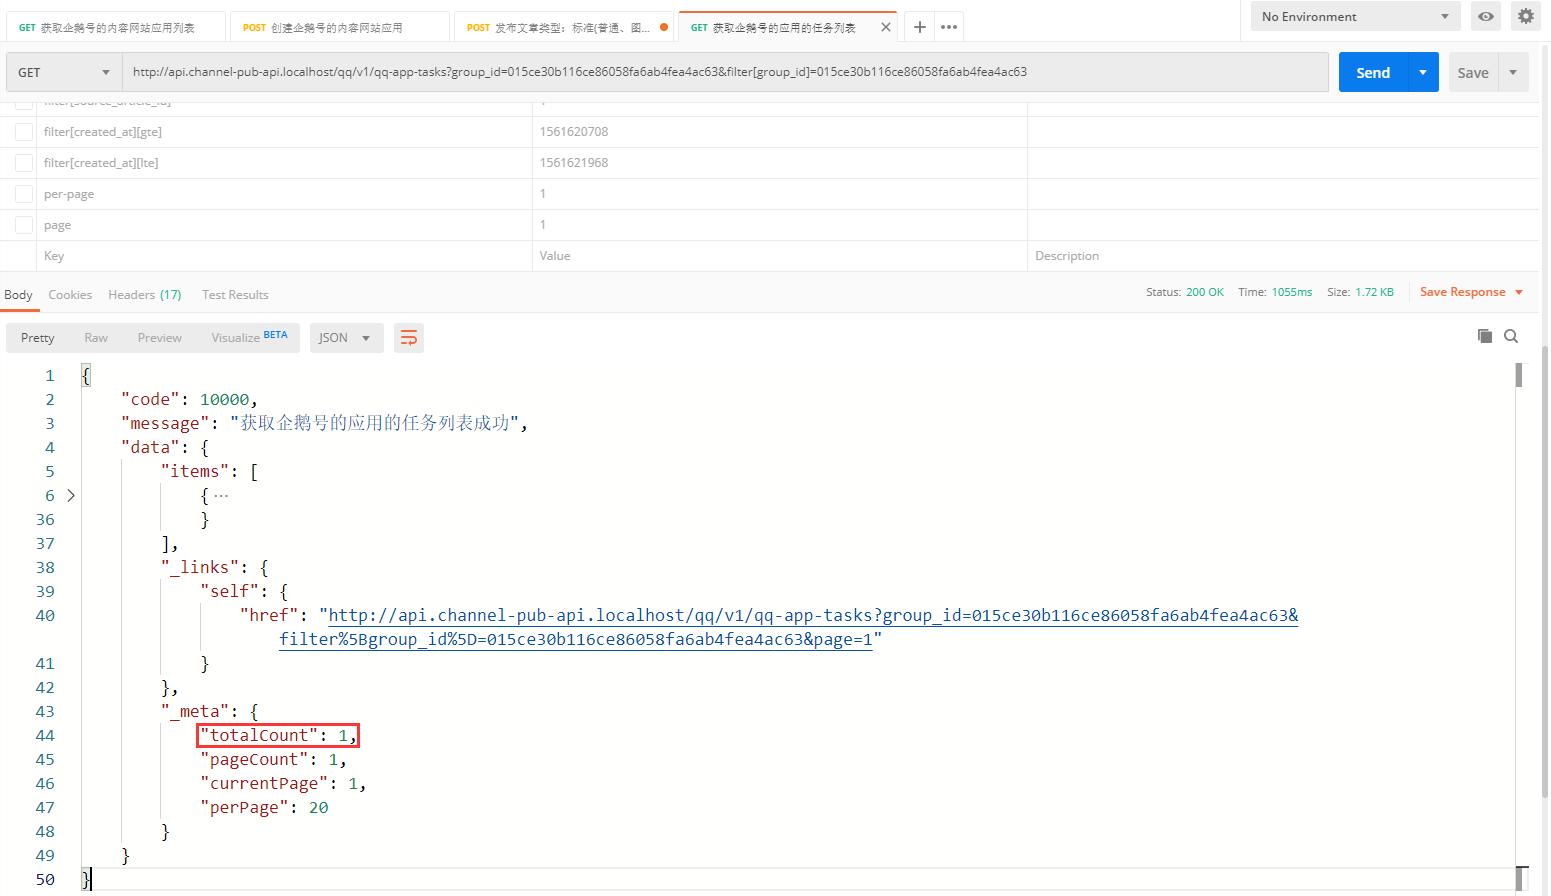 获取企鹅号的应用的任务列表,列表中存在 1 条记录,查看获取企鹅号的应用的任务列表的 SQL 语句